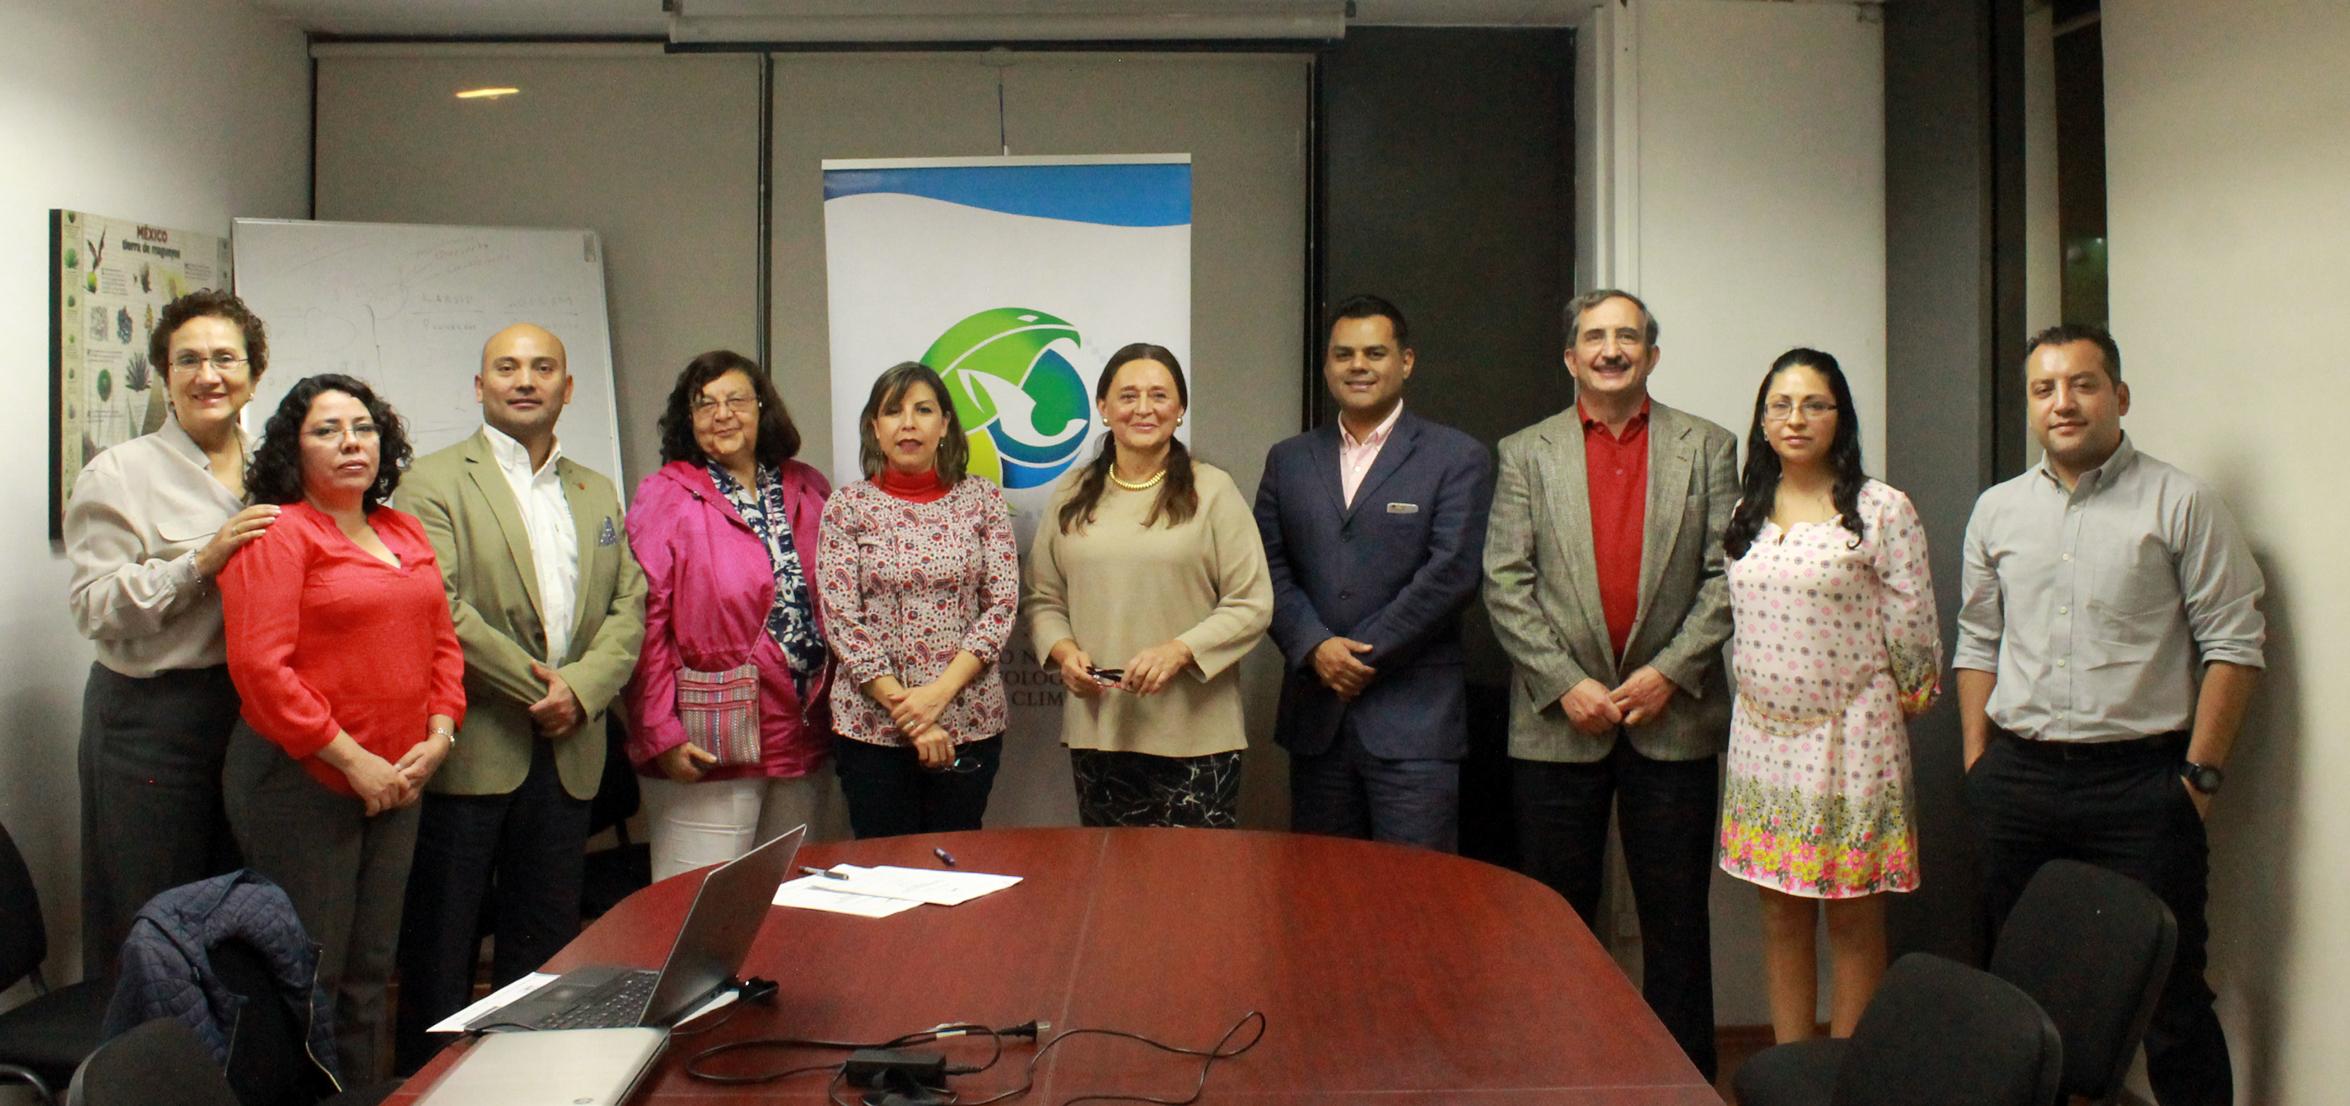 Entrega Certificación Oro Igualdad Laboral y No Discriminación, 29 de noviembre, 2016.